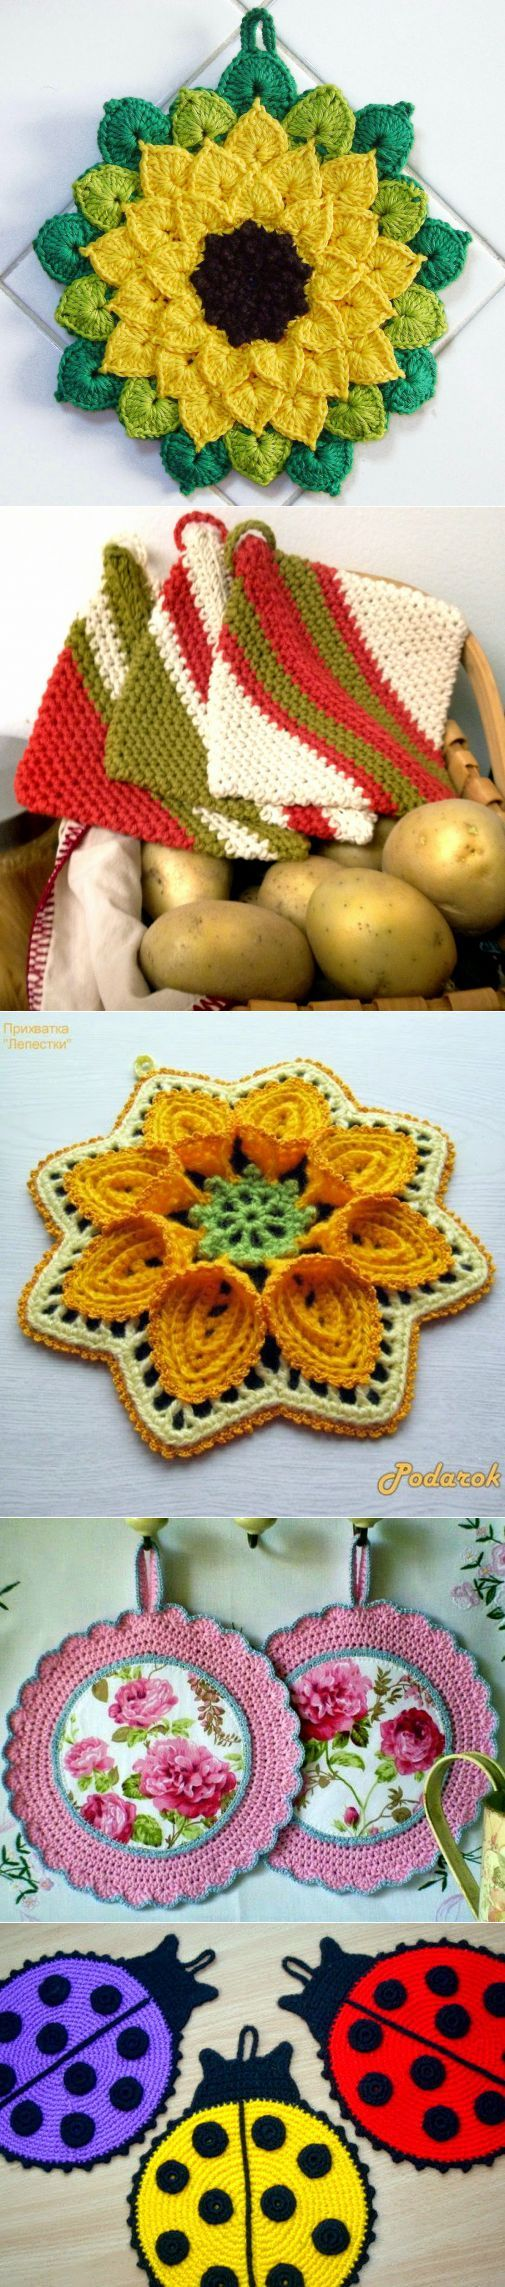 Вязаные прихватки - маленький праздник на кухне! (подборка + МК)   вязание: прихватки   Постила